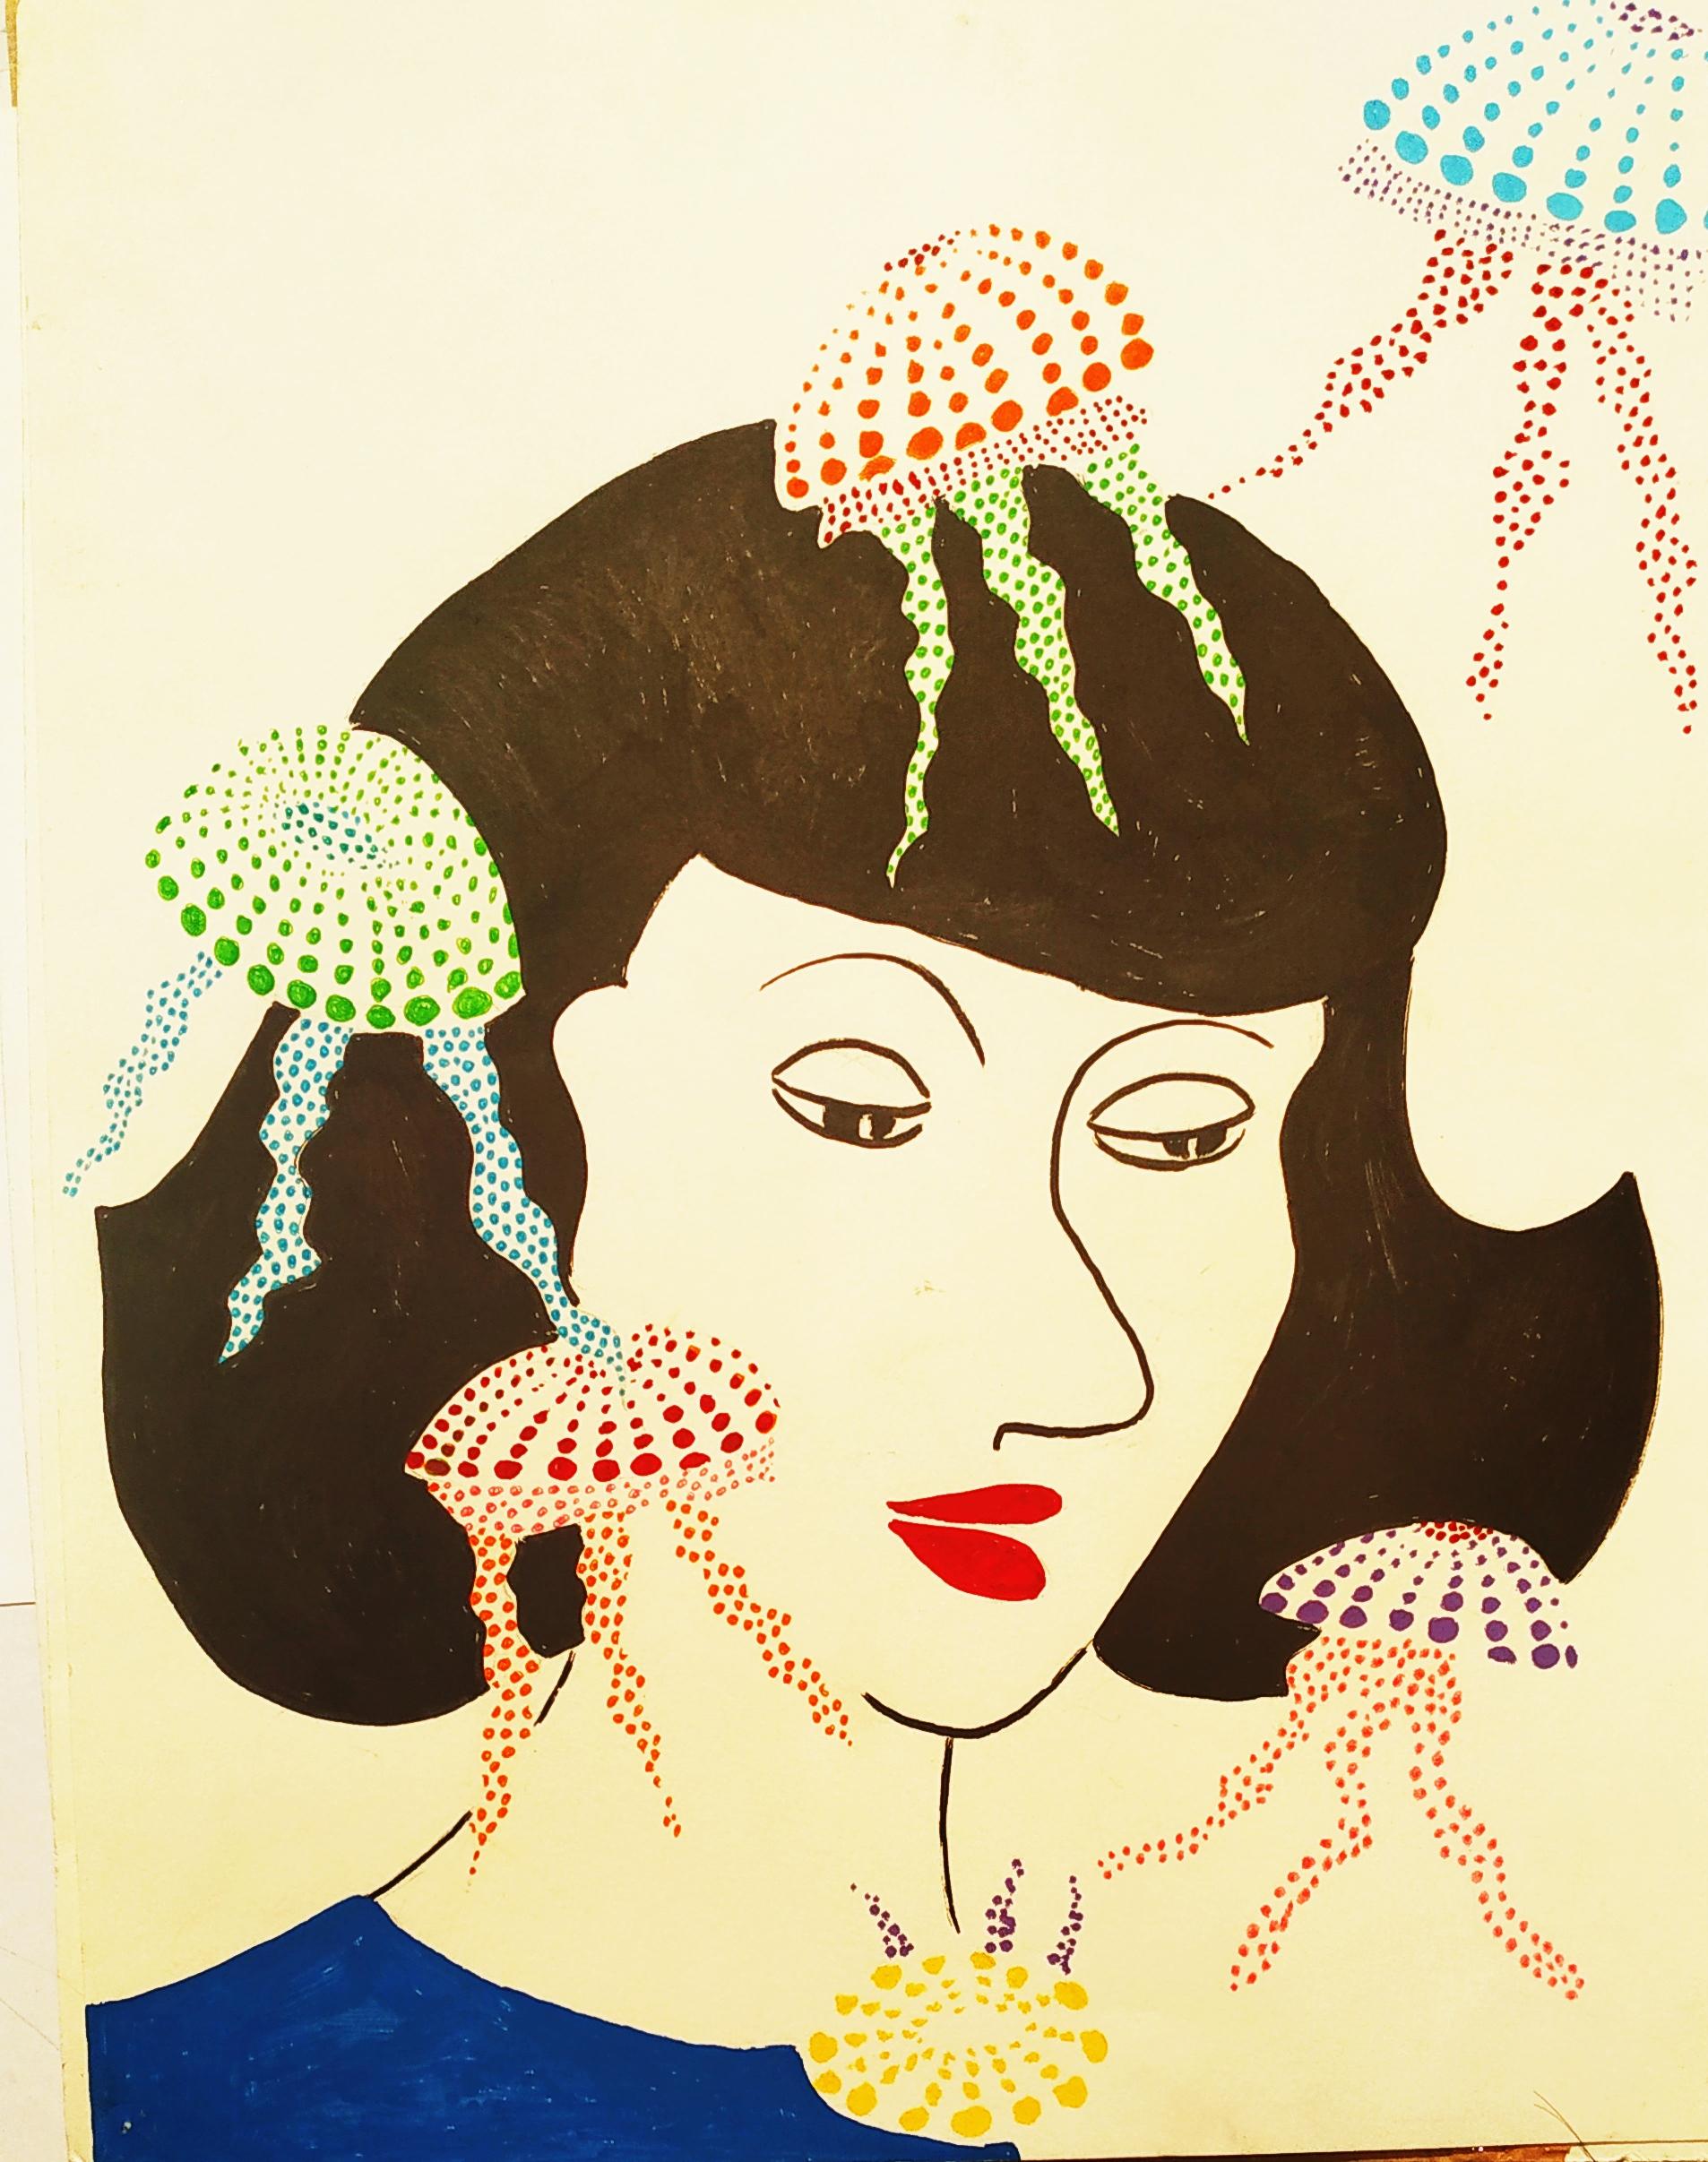 Peinture Gouache en � plat sur papier femme m�duse  cours de dessin